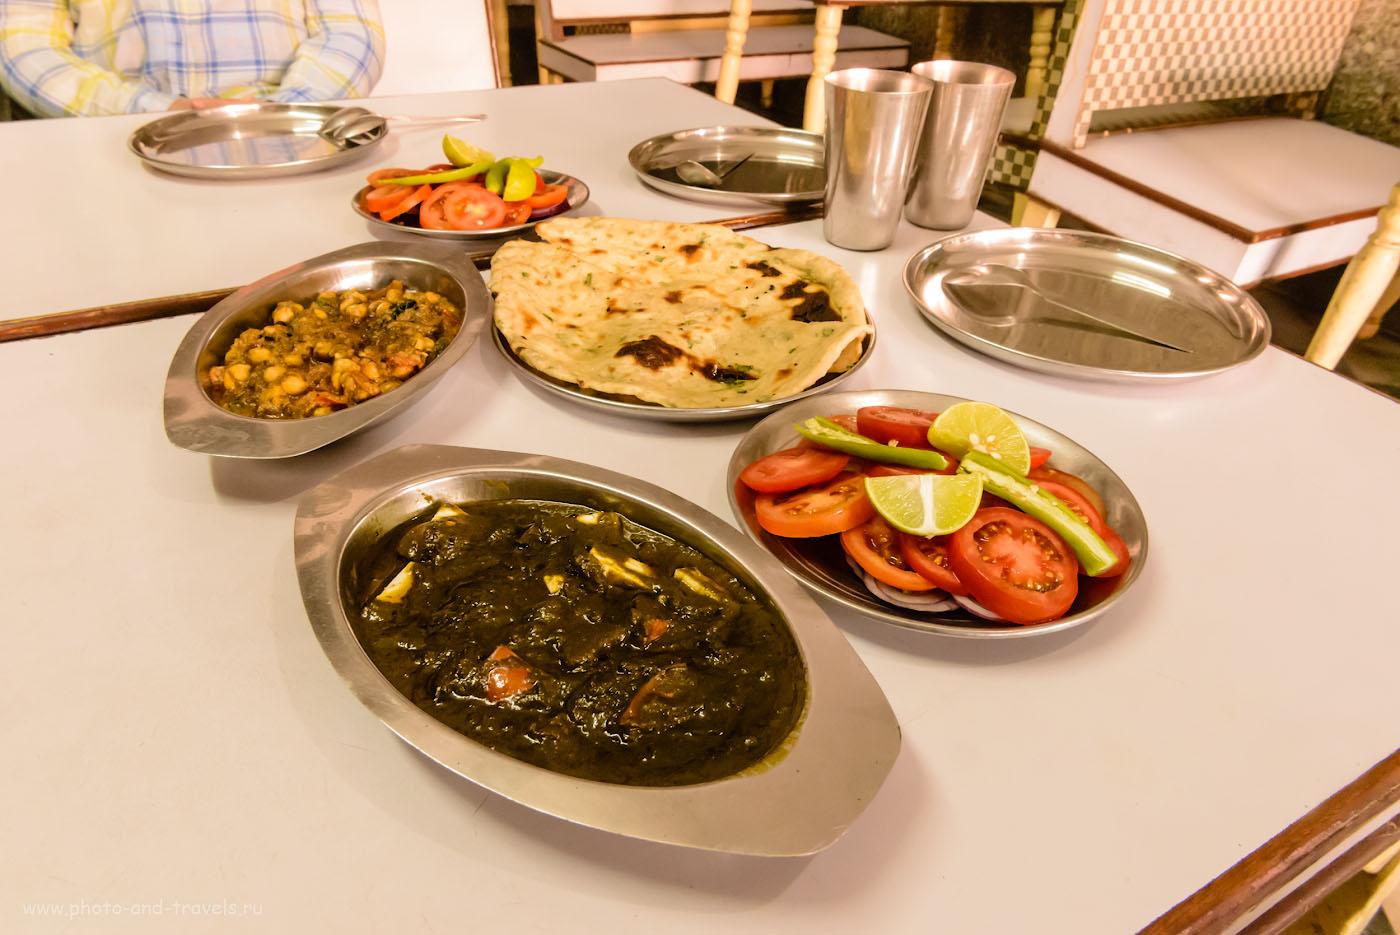 Снимок 23. Блюда индийской кухни ничего, кроме отвращения не вызывают, как по вкусу, так и по виду. 1/13, 18.0, 6400, 24.